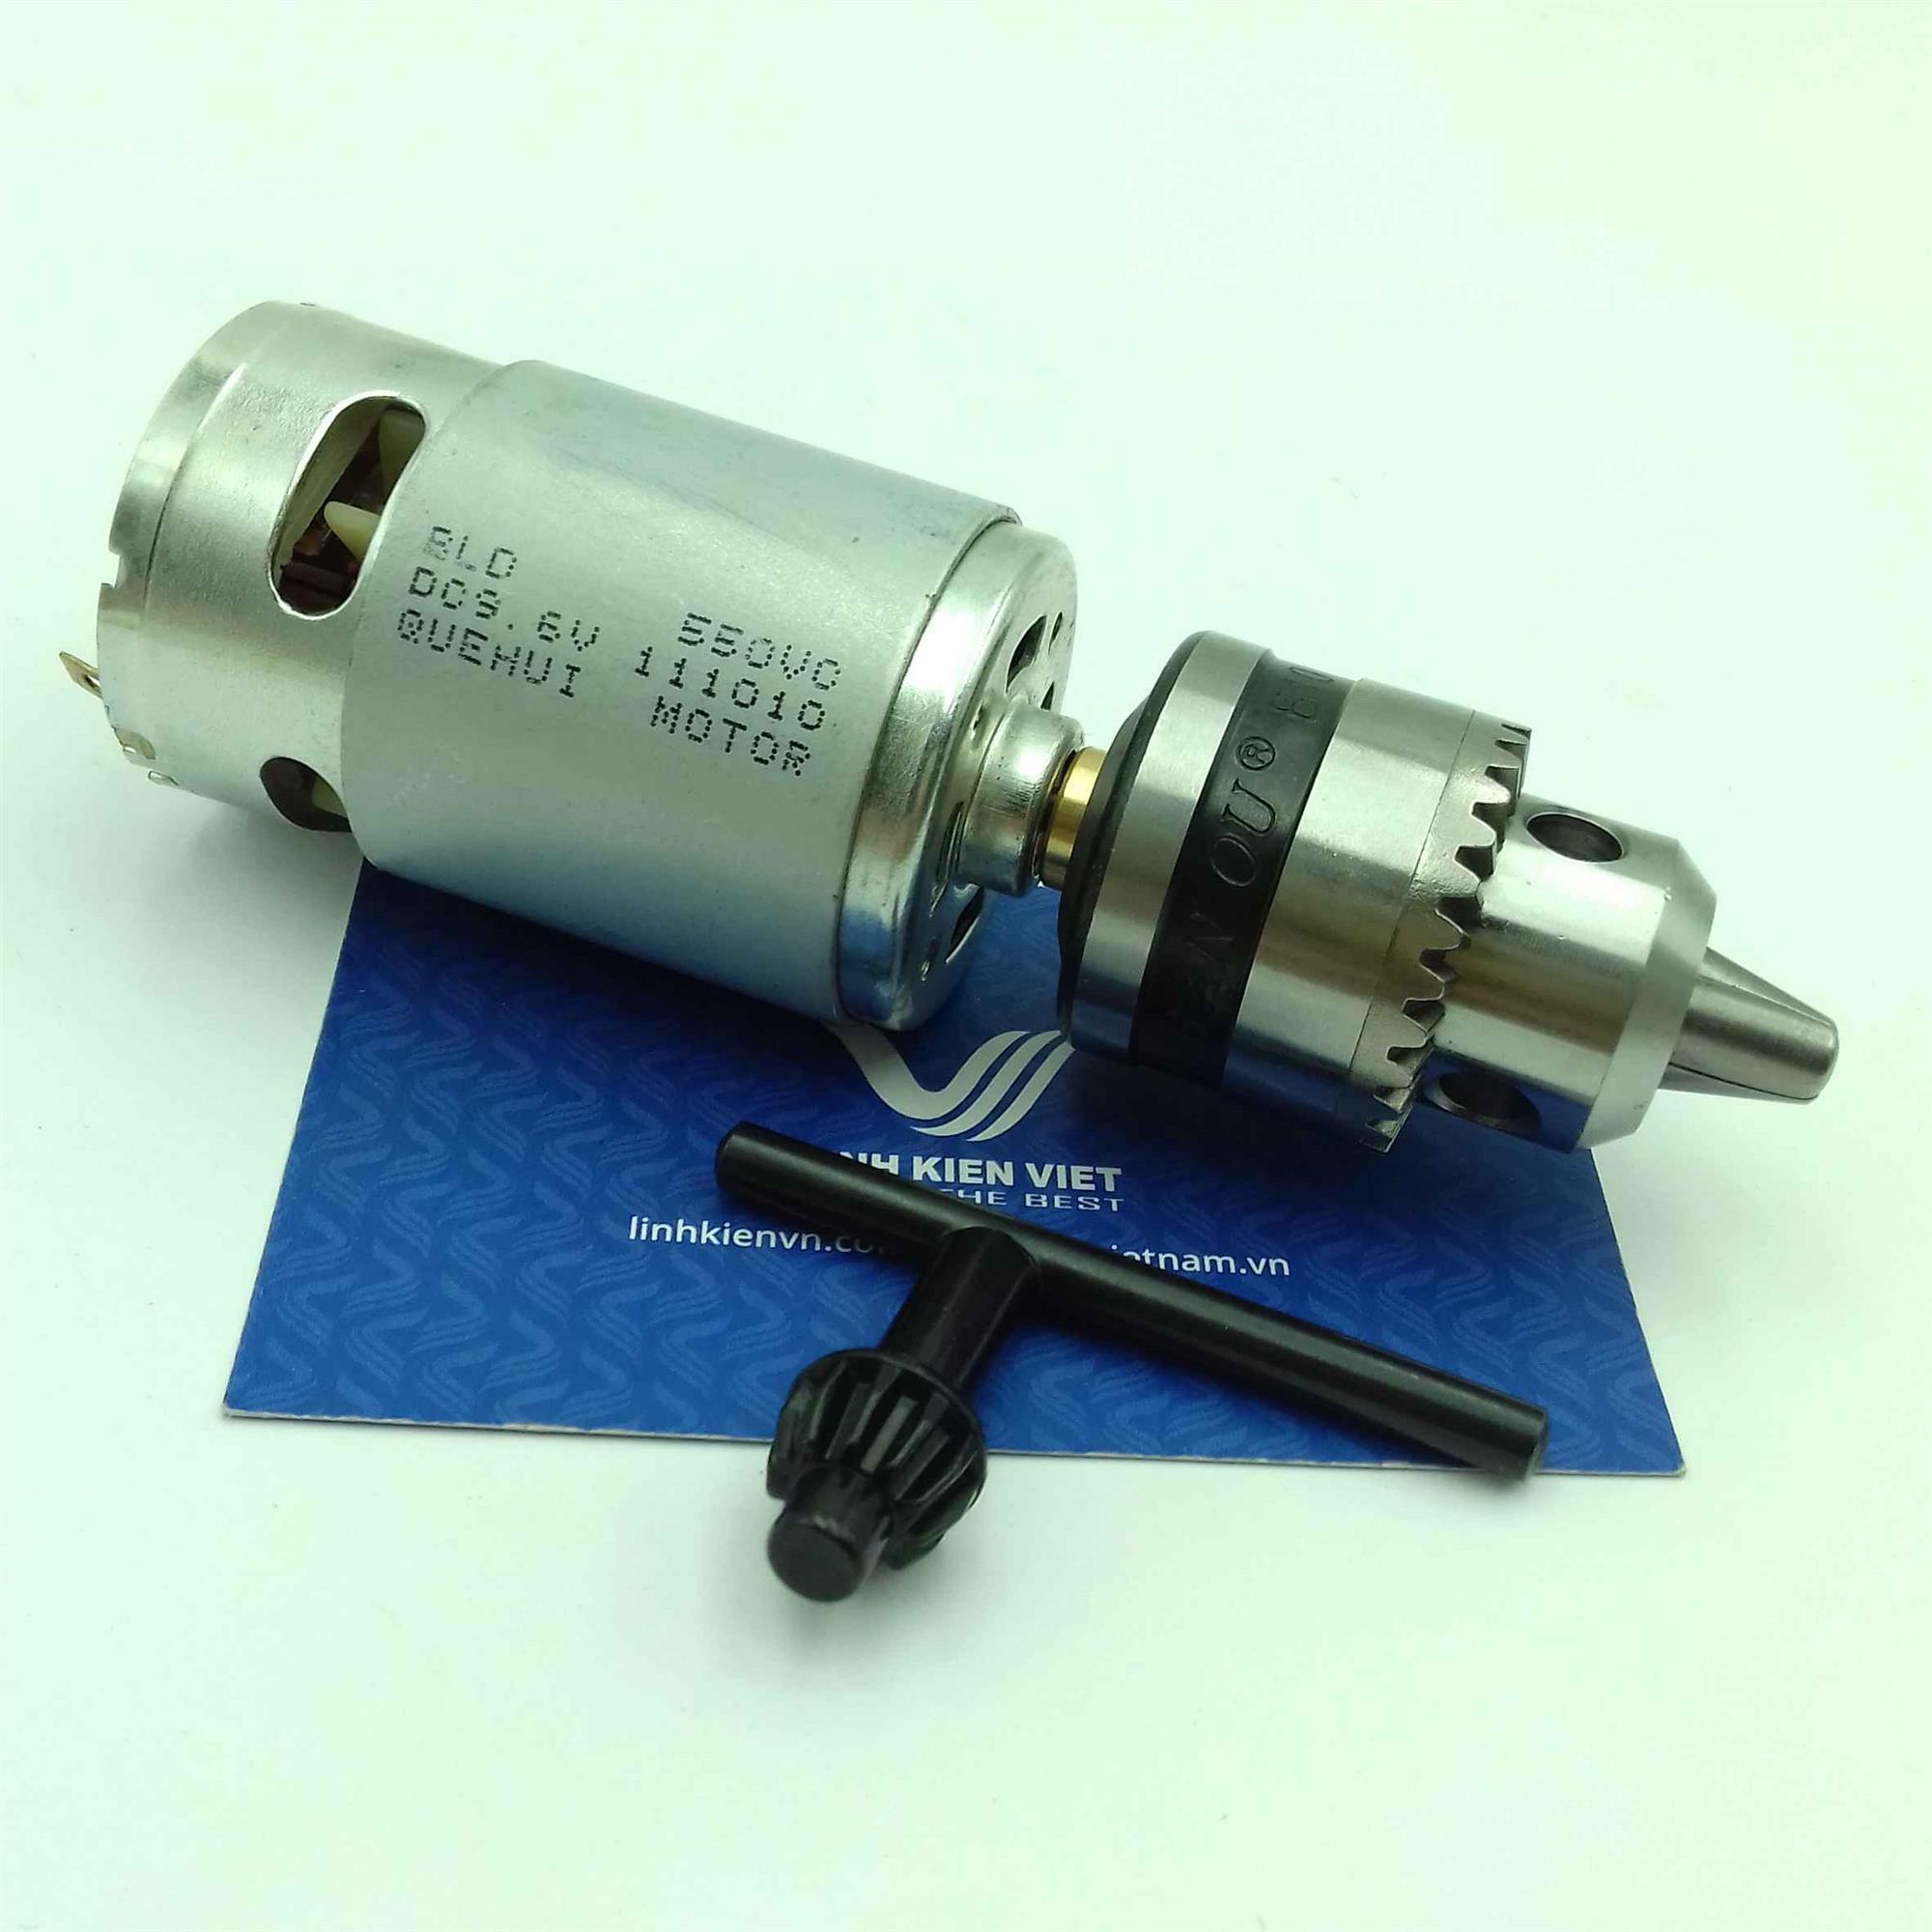 Motor khoan mạch 12V 550 / Khoan tay DC 12V sử dụng động cơ 550 / Khoan mạch DC 12V -